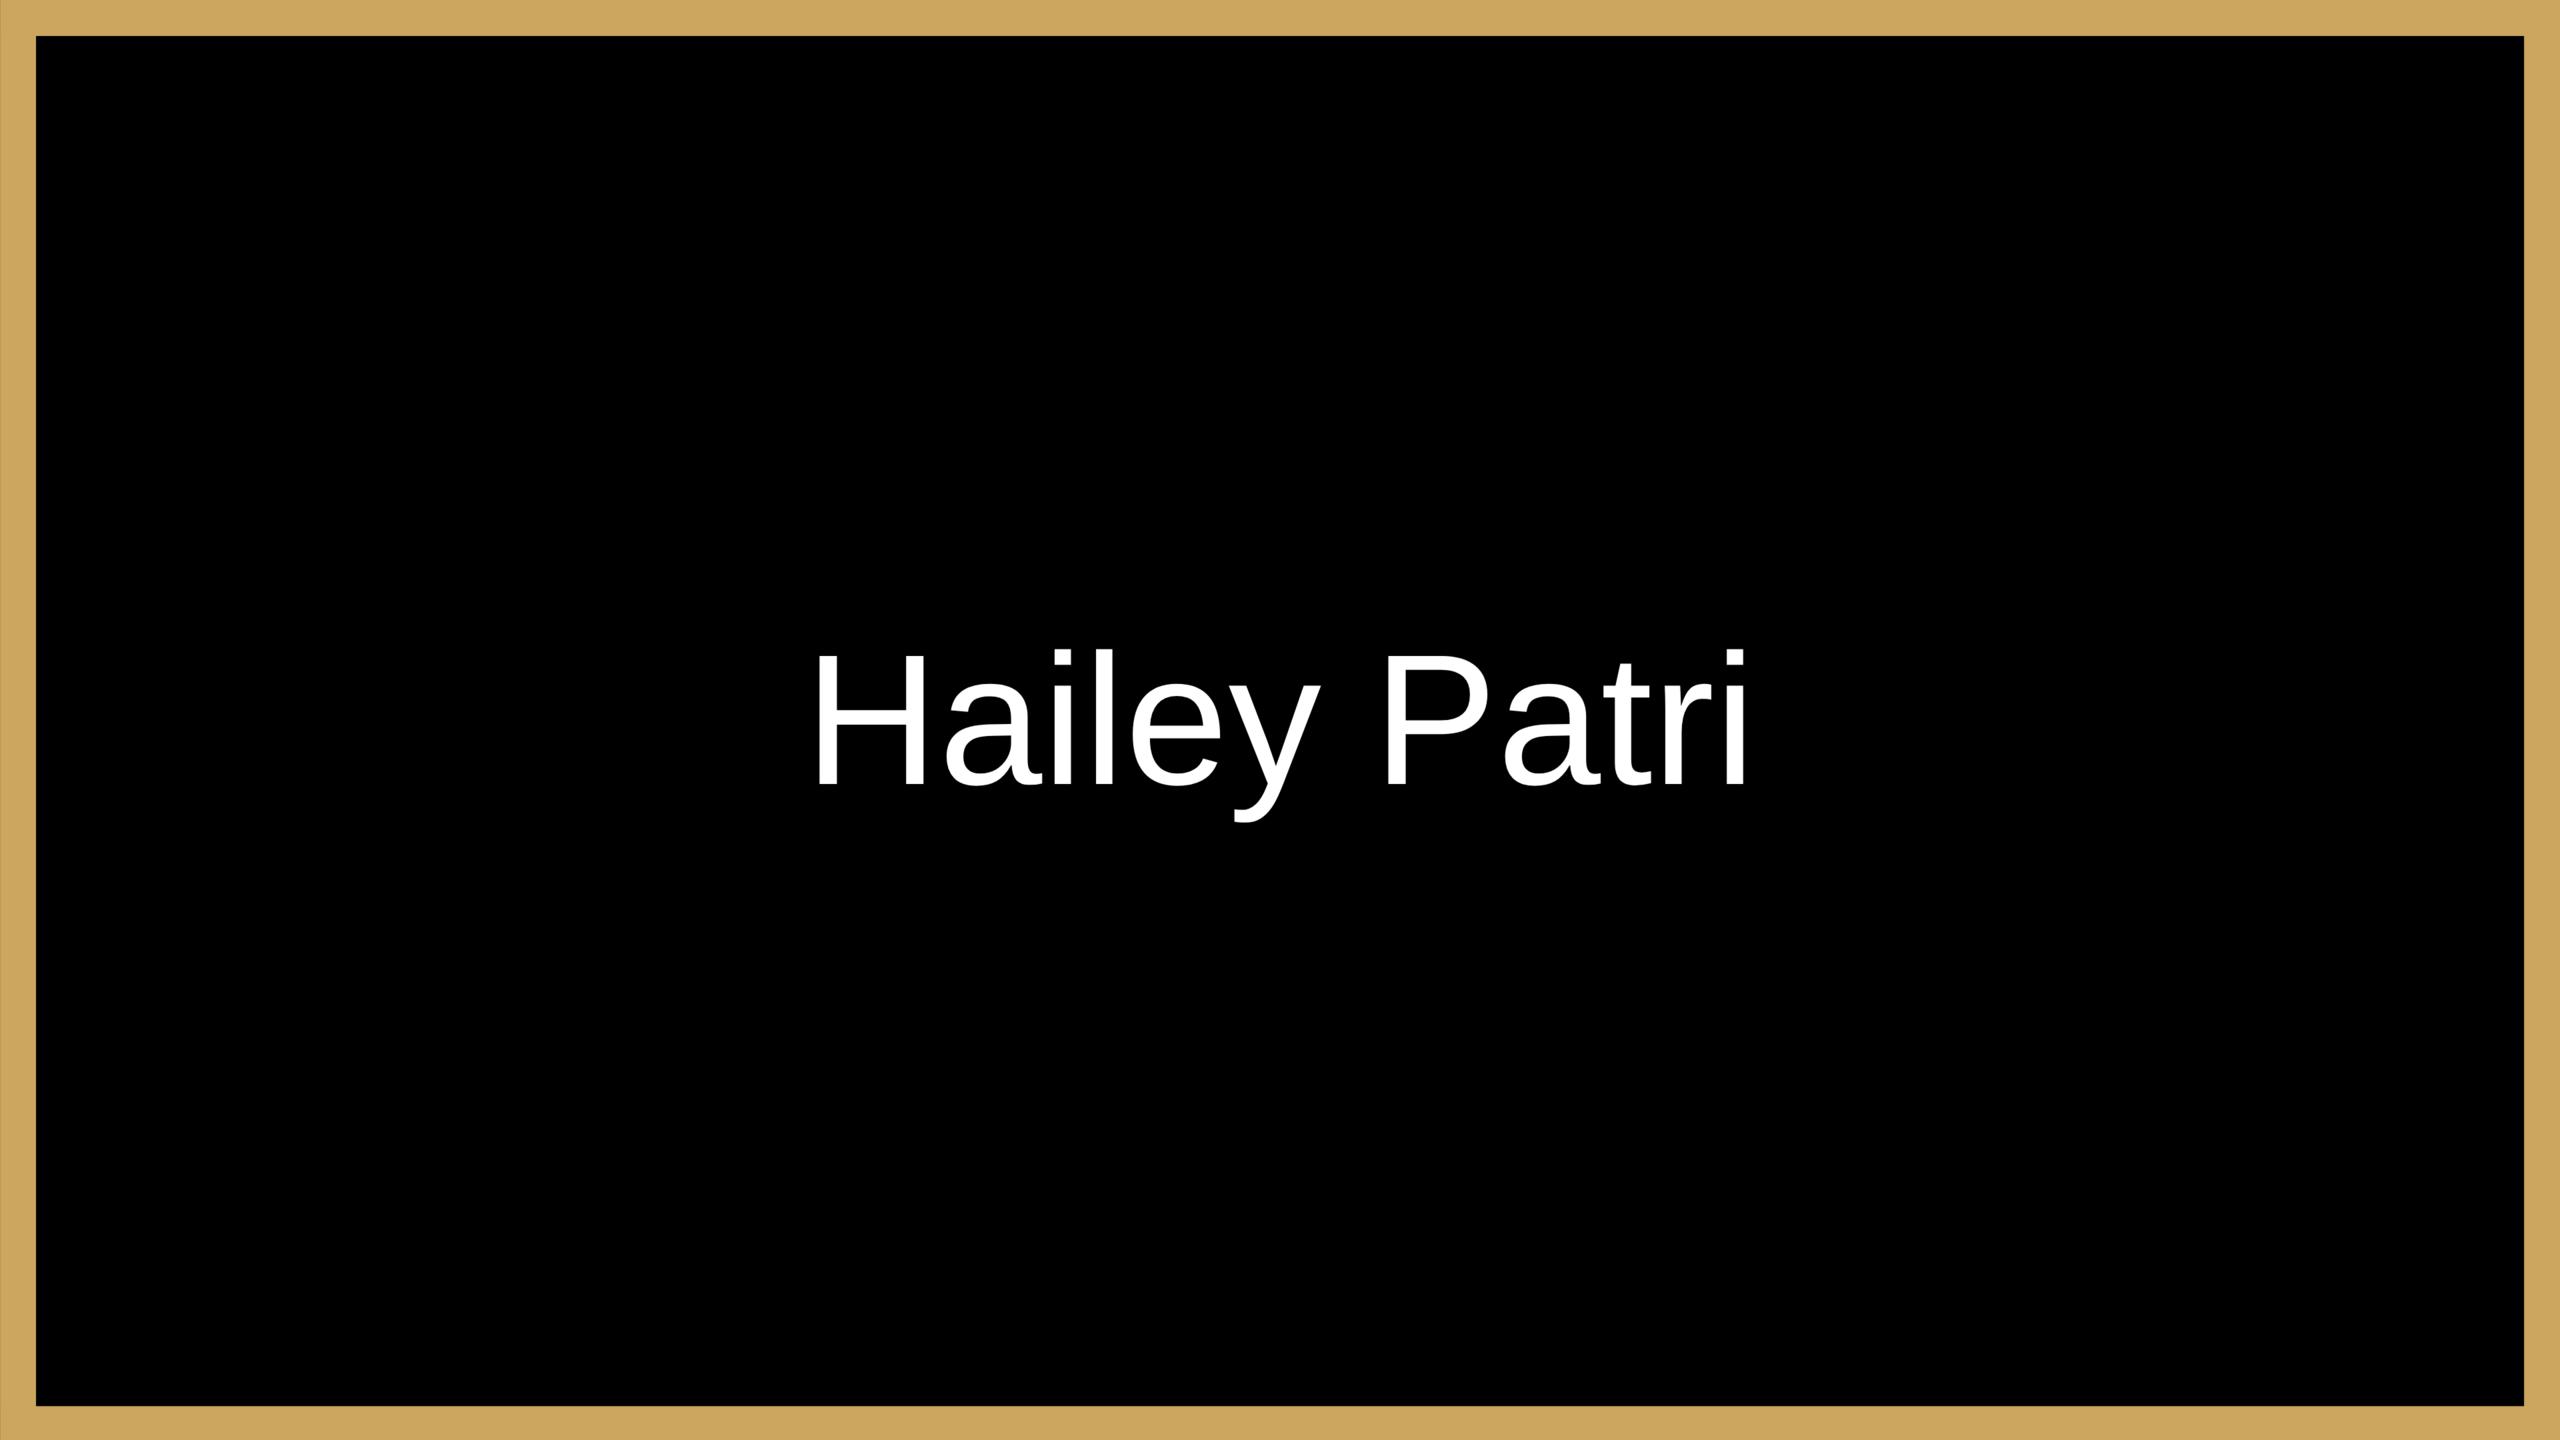 Hailey Patri Testimonial